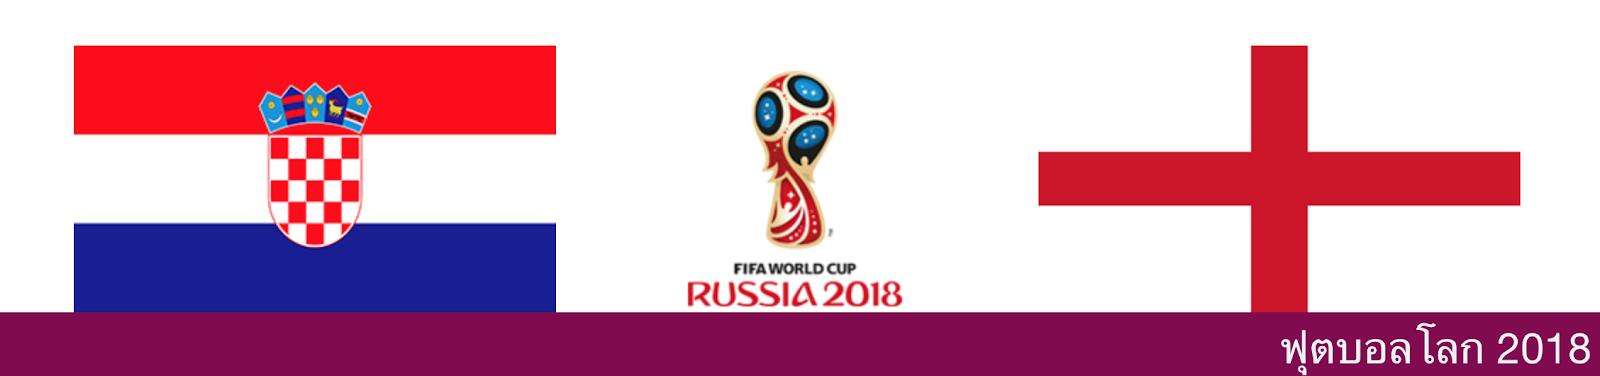 ดูบอลสด วิเคราะห์บอล ฟุตบอลโลก ระหว่าง โครเอเชีย vs อังกฤษ